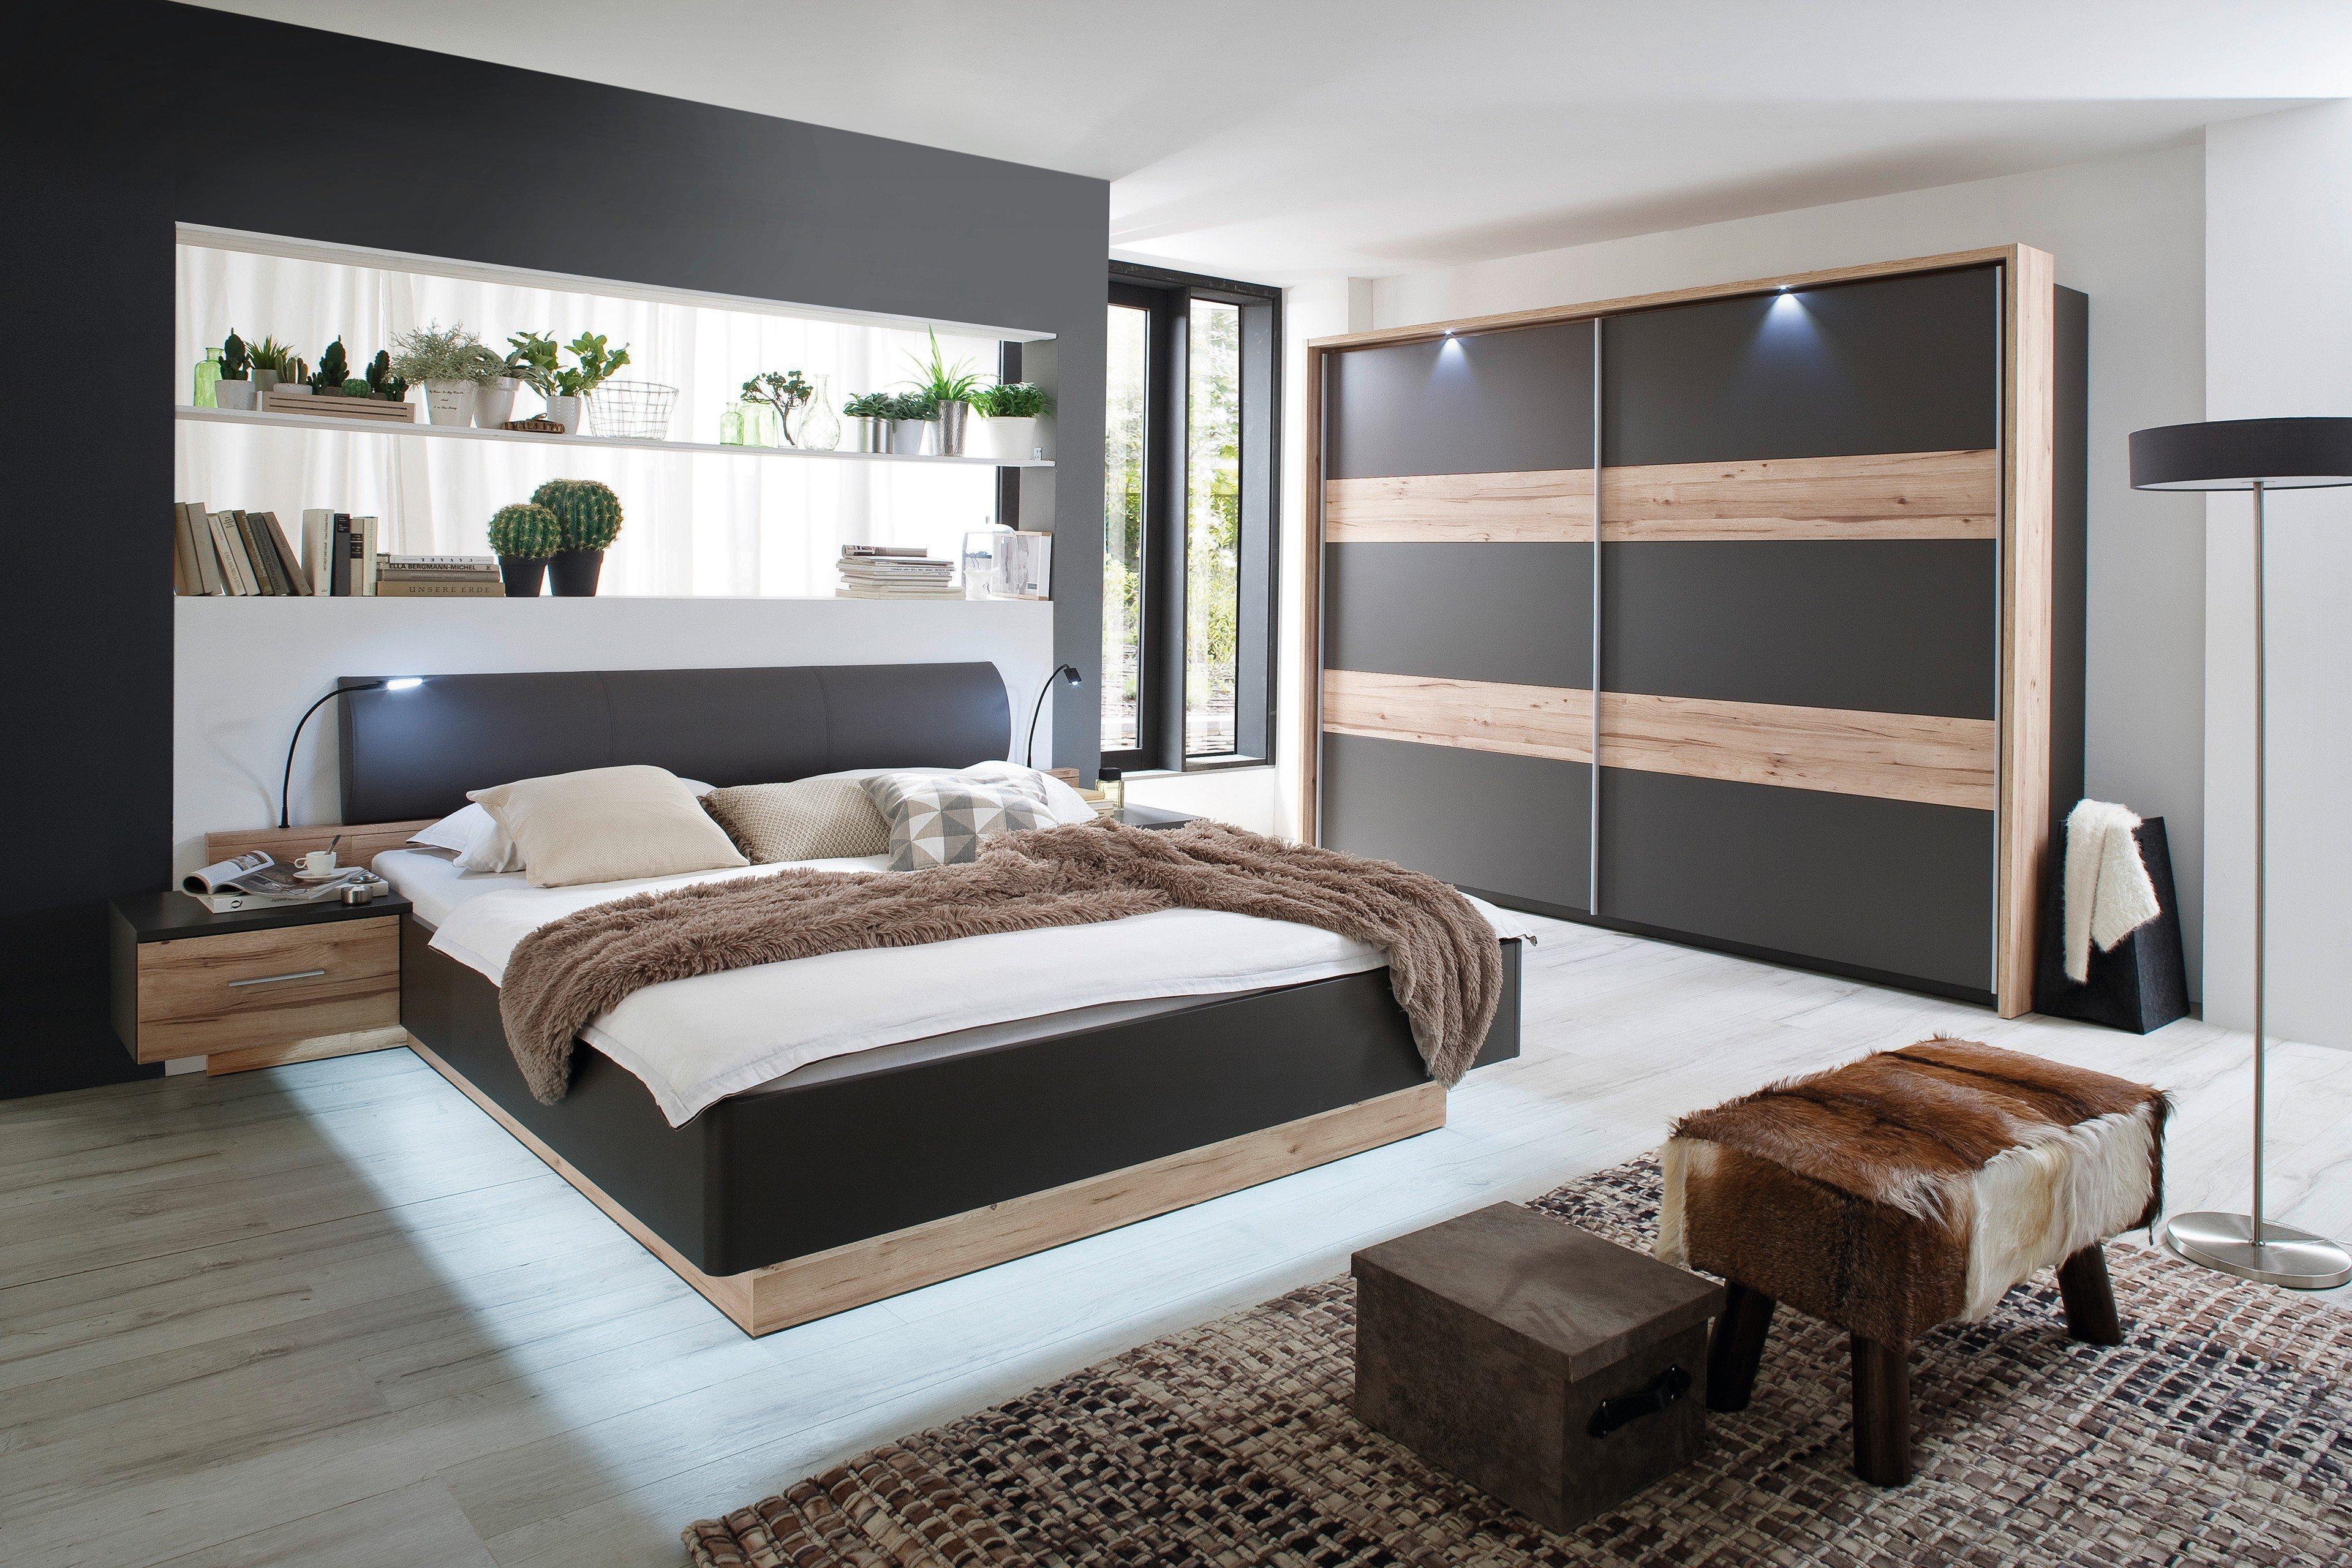 forte venedig schlafzimmer grau eiche m bel letz ihr. Black Bedroom Furniture Sets. Home Design Ideas